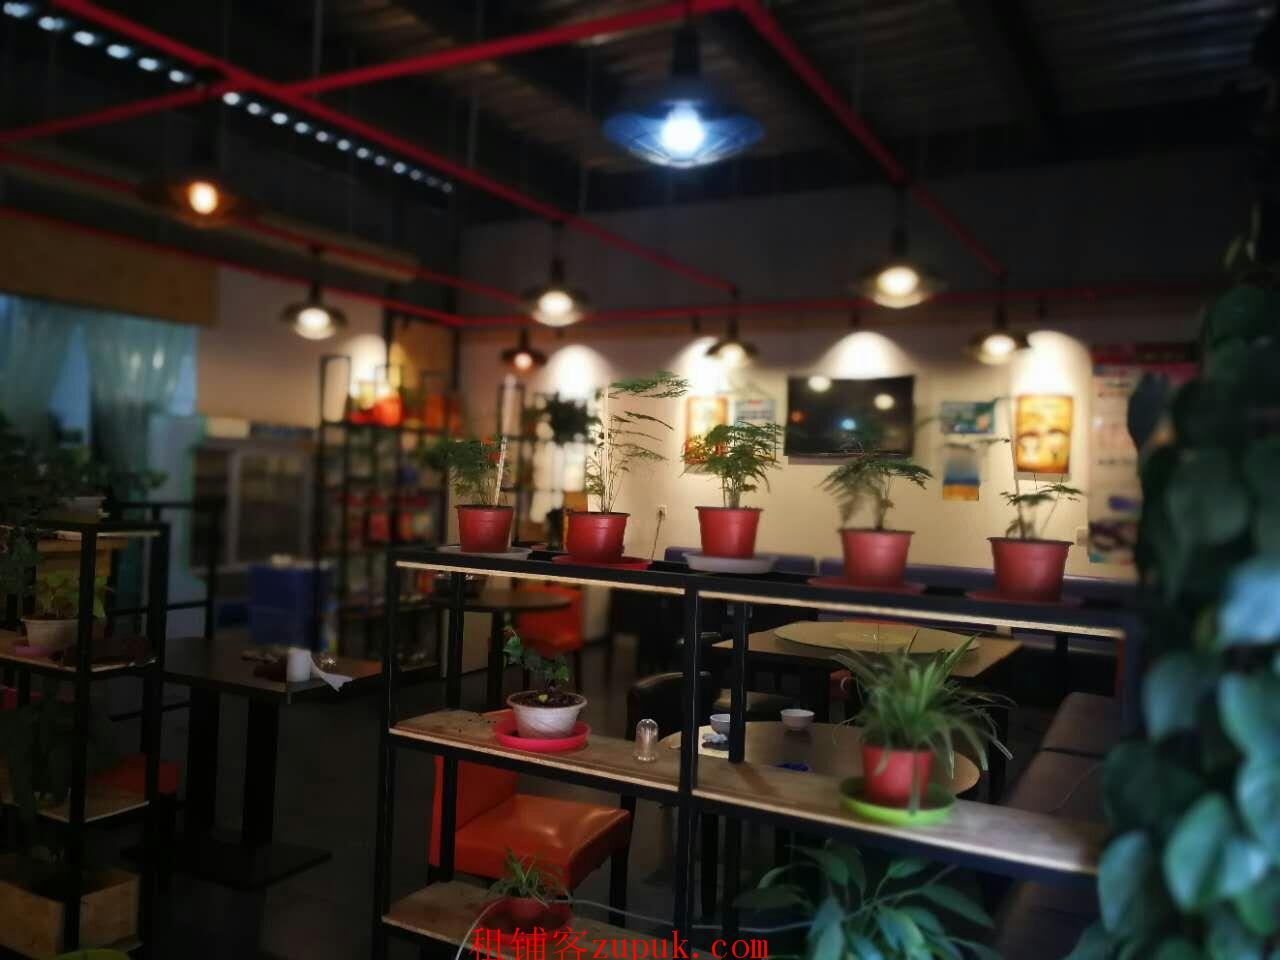 云南农业大学老校区校园内餐厅旺铺转